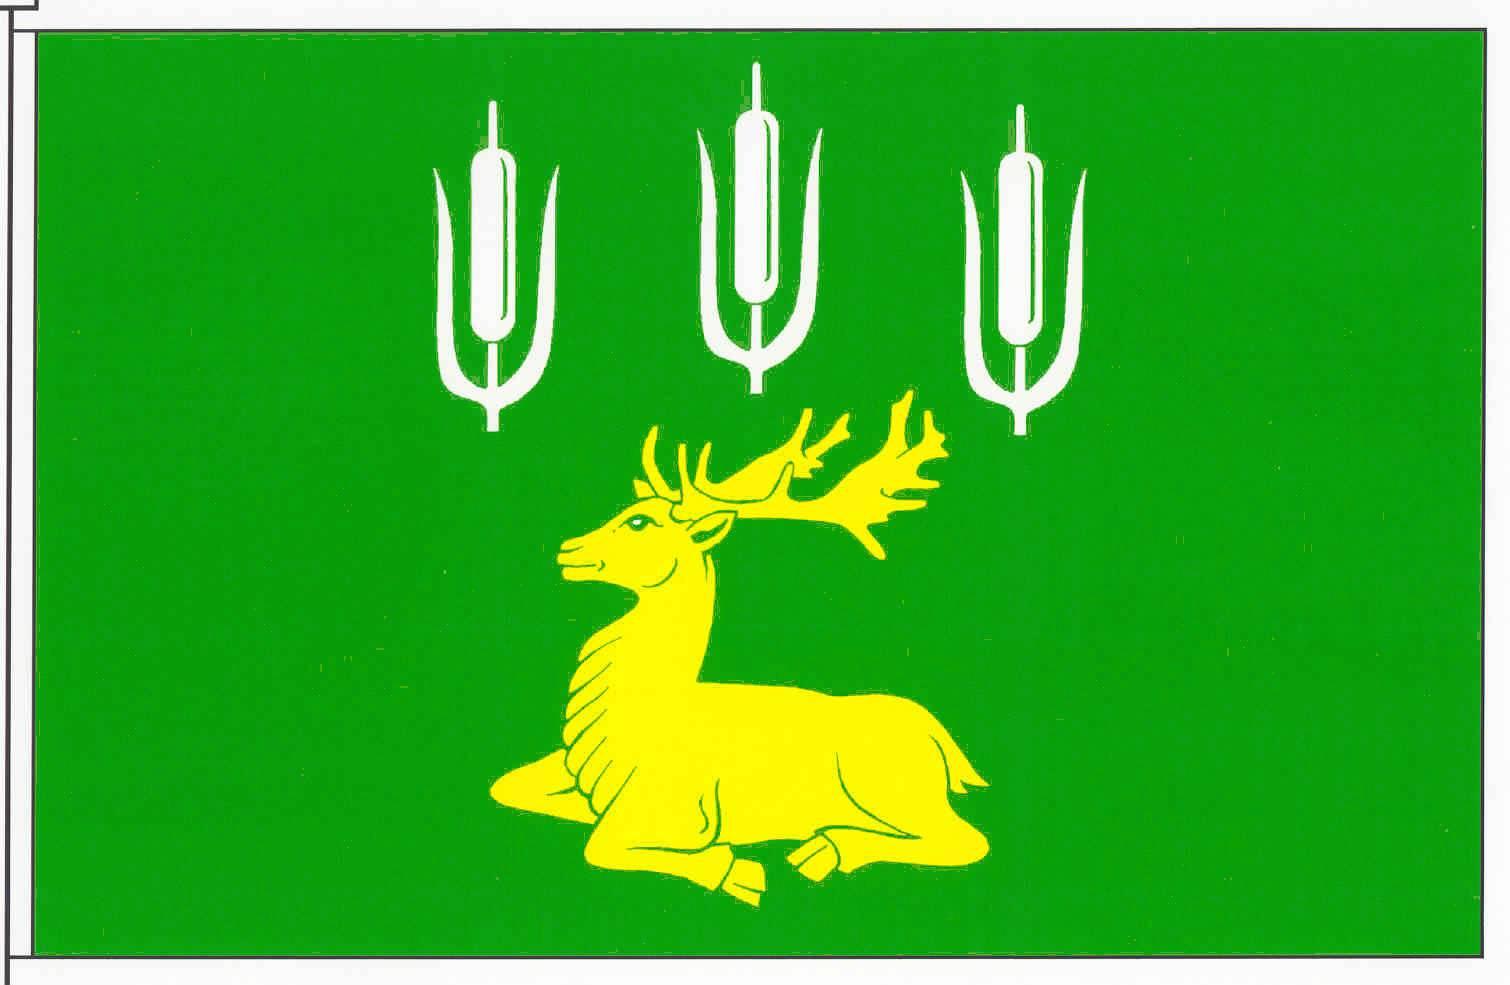 Flagge GemeindeHaßmoor, Kreis Rendsburg-Eckernförde